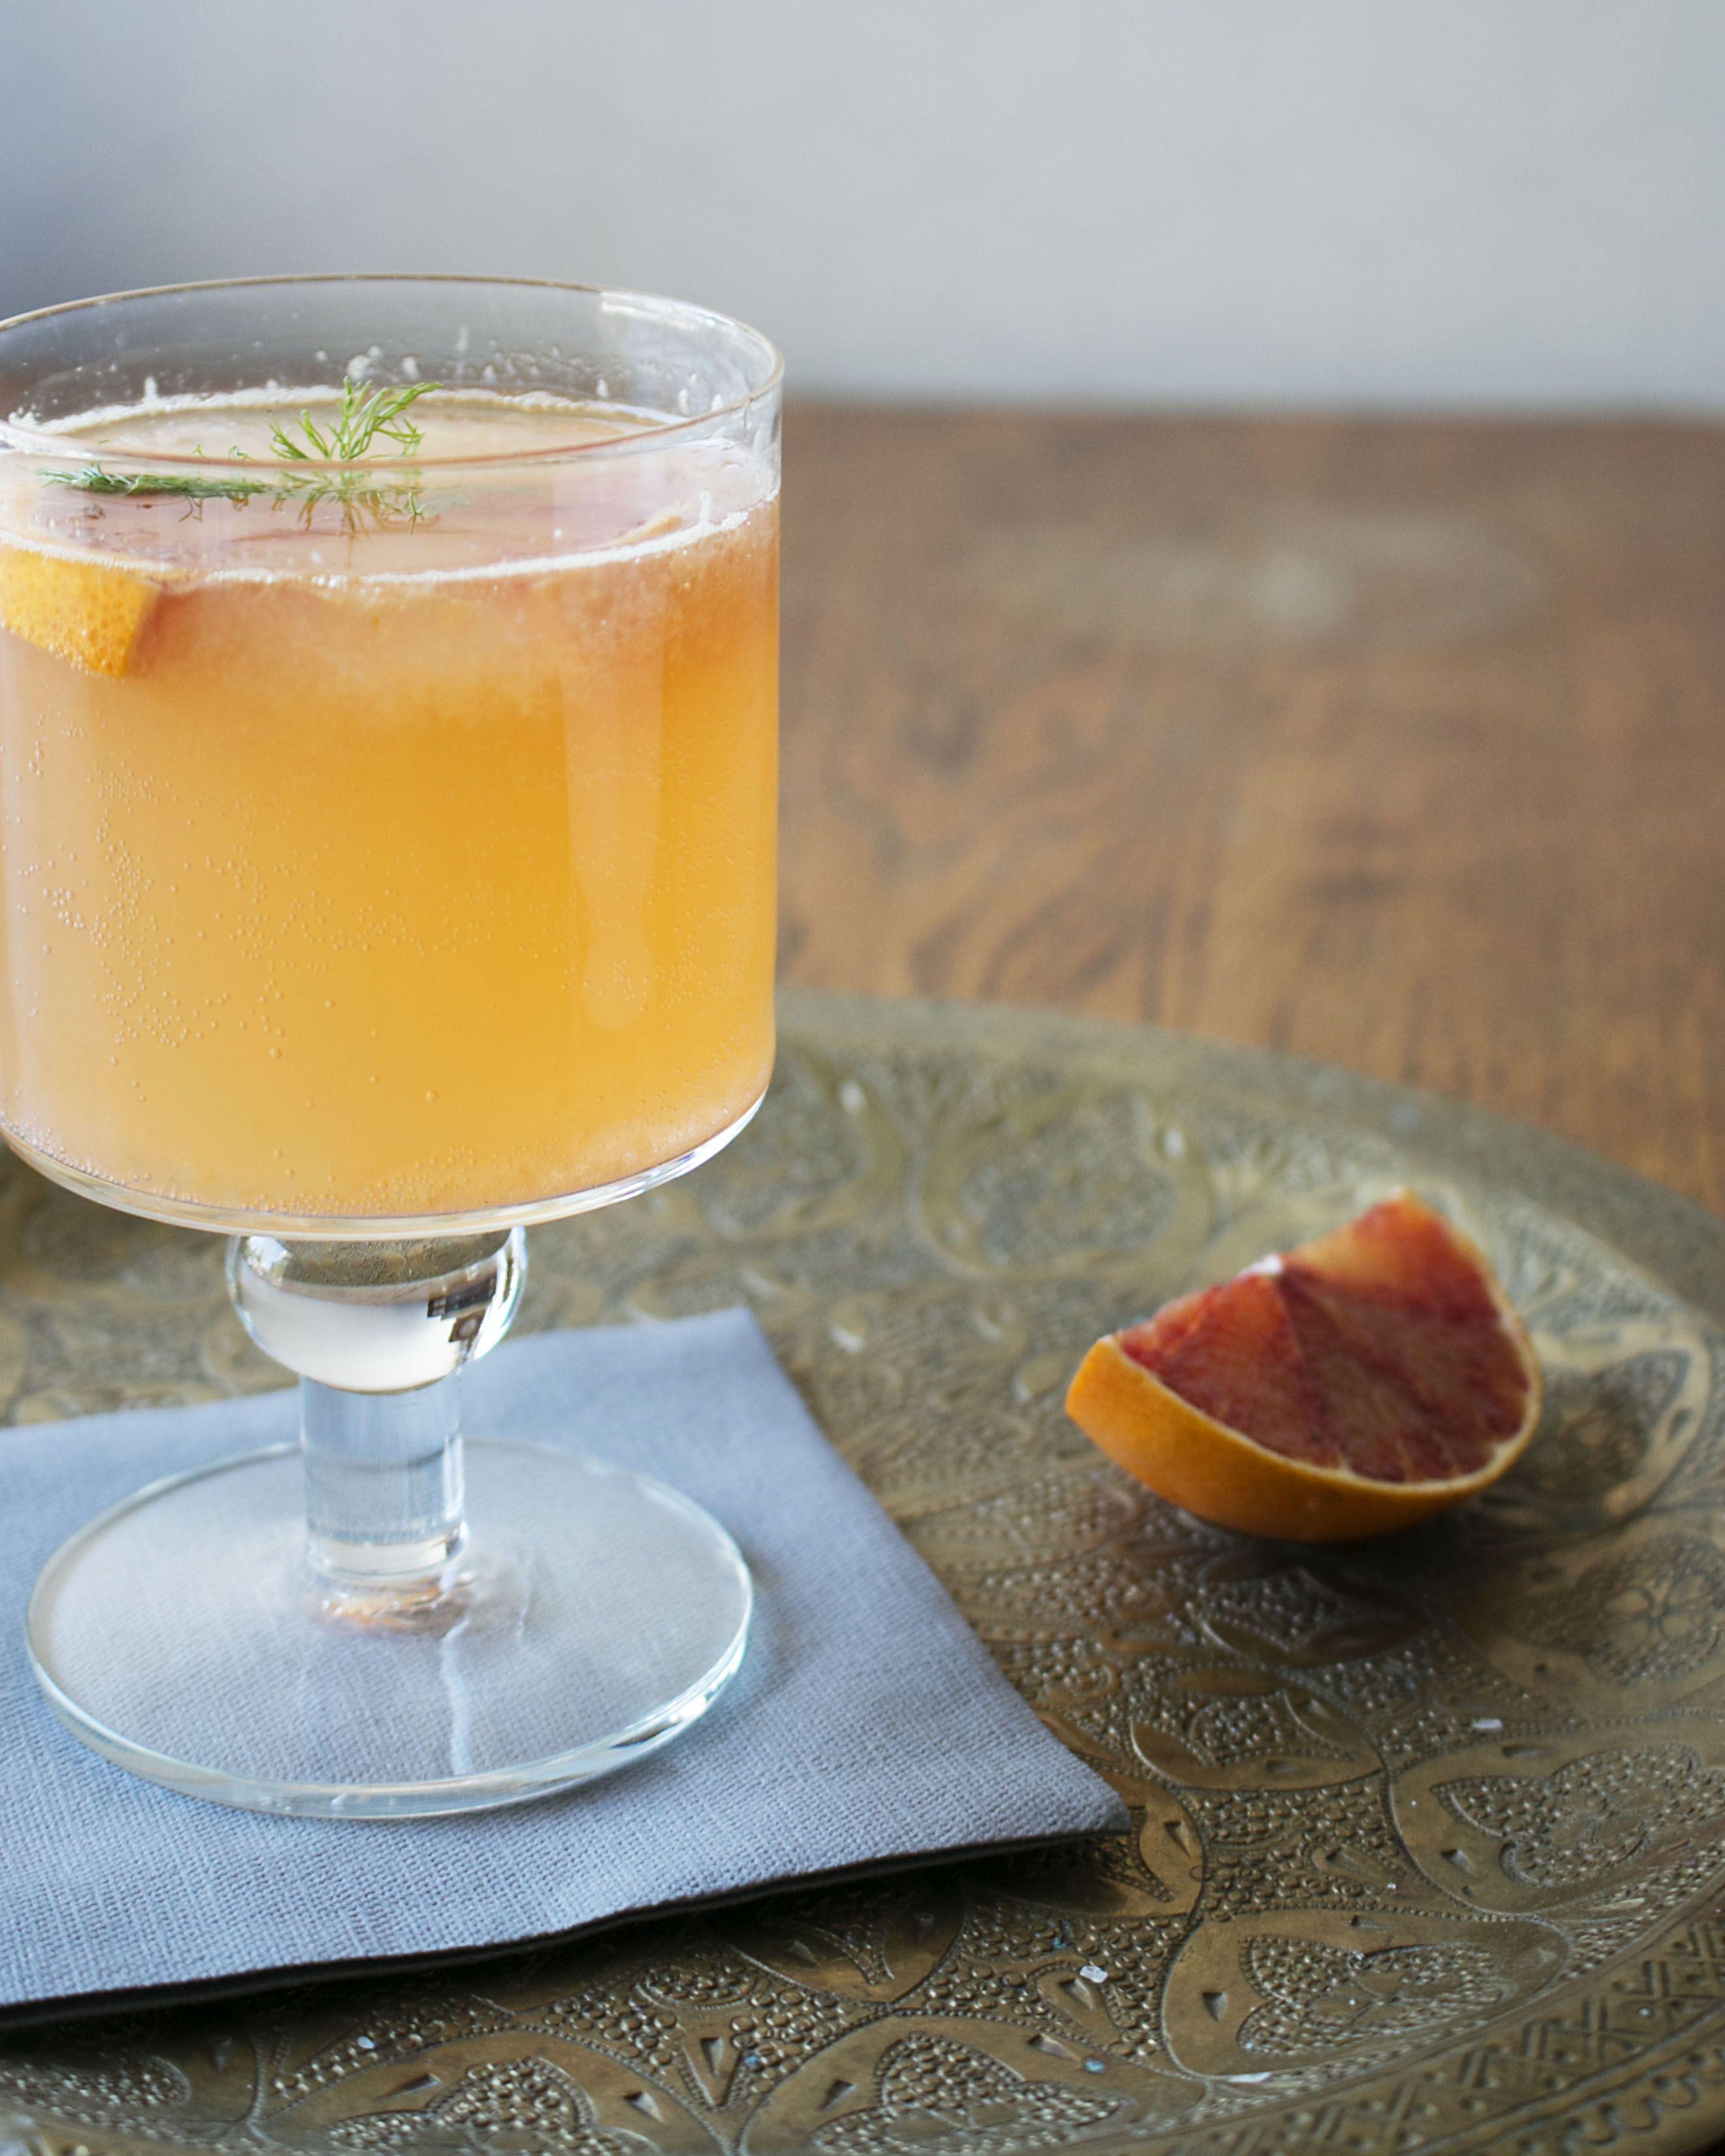 Bloodorange-fennel cocktail recipe